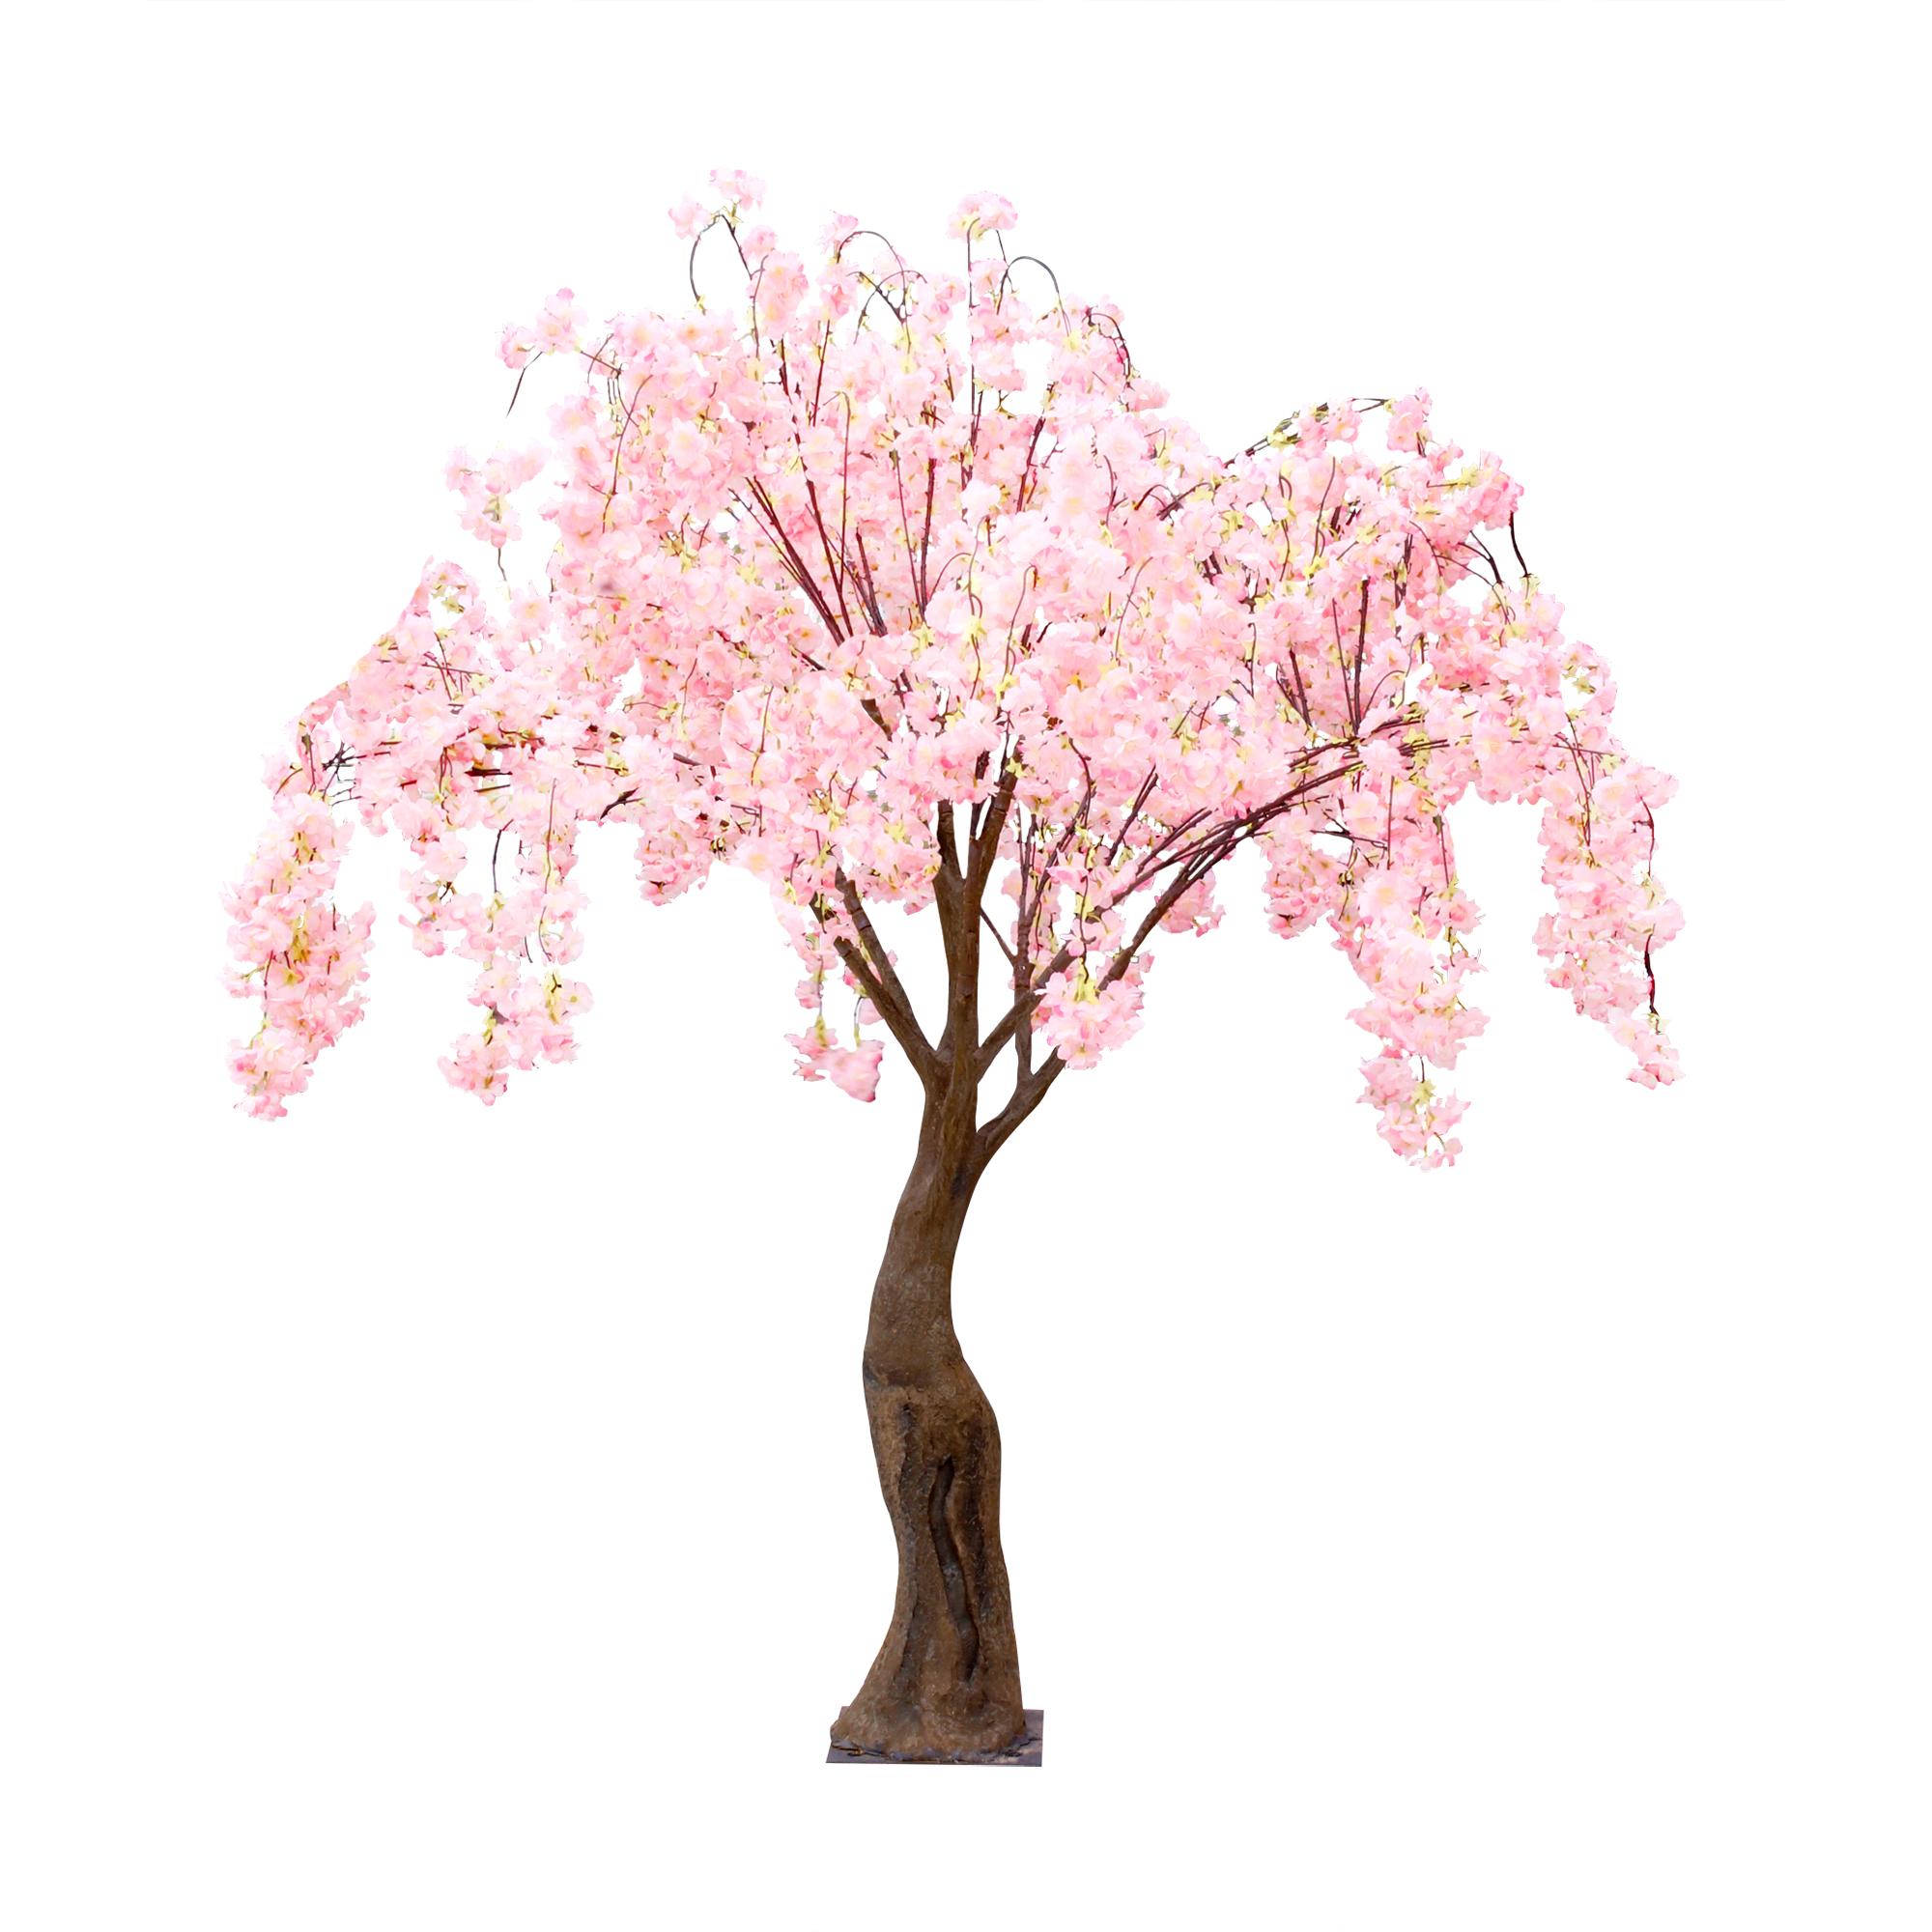 Дерево искусственное цветущее  Beijing shenglin 1.9м нежно-розового цвета